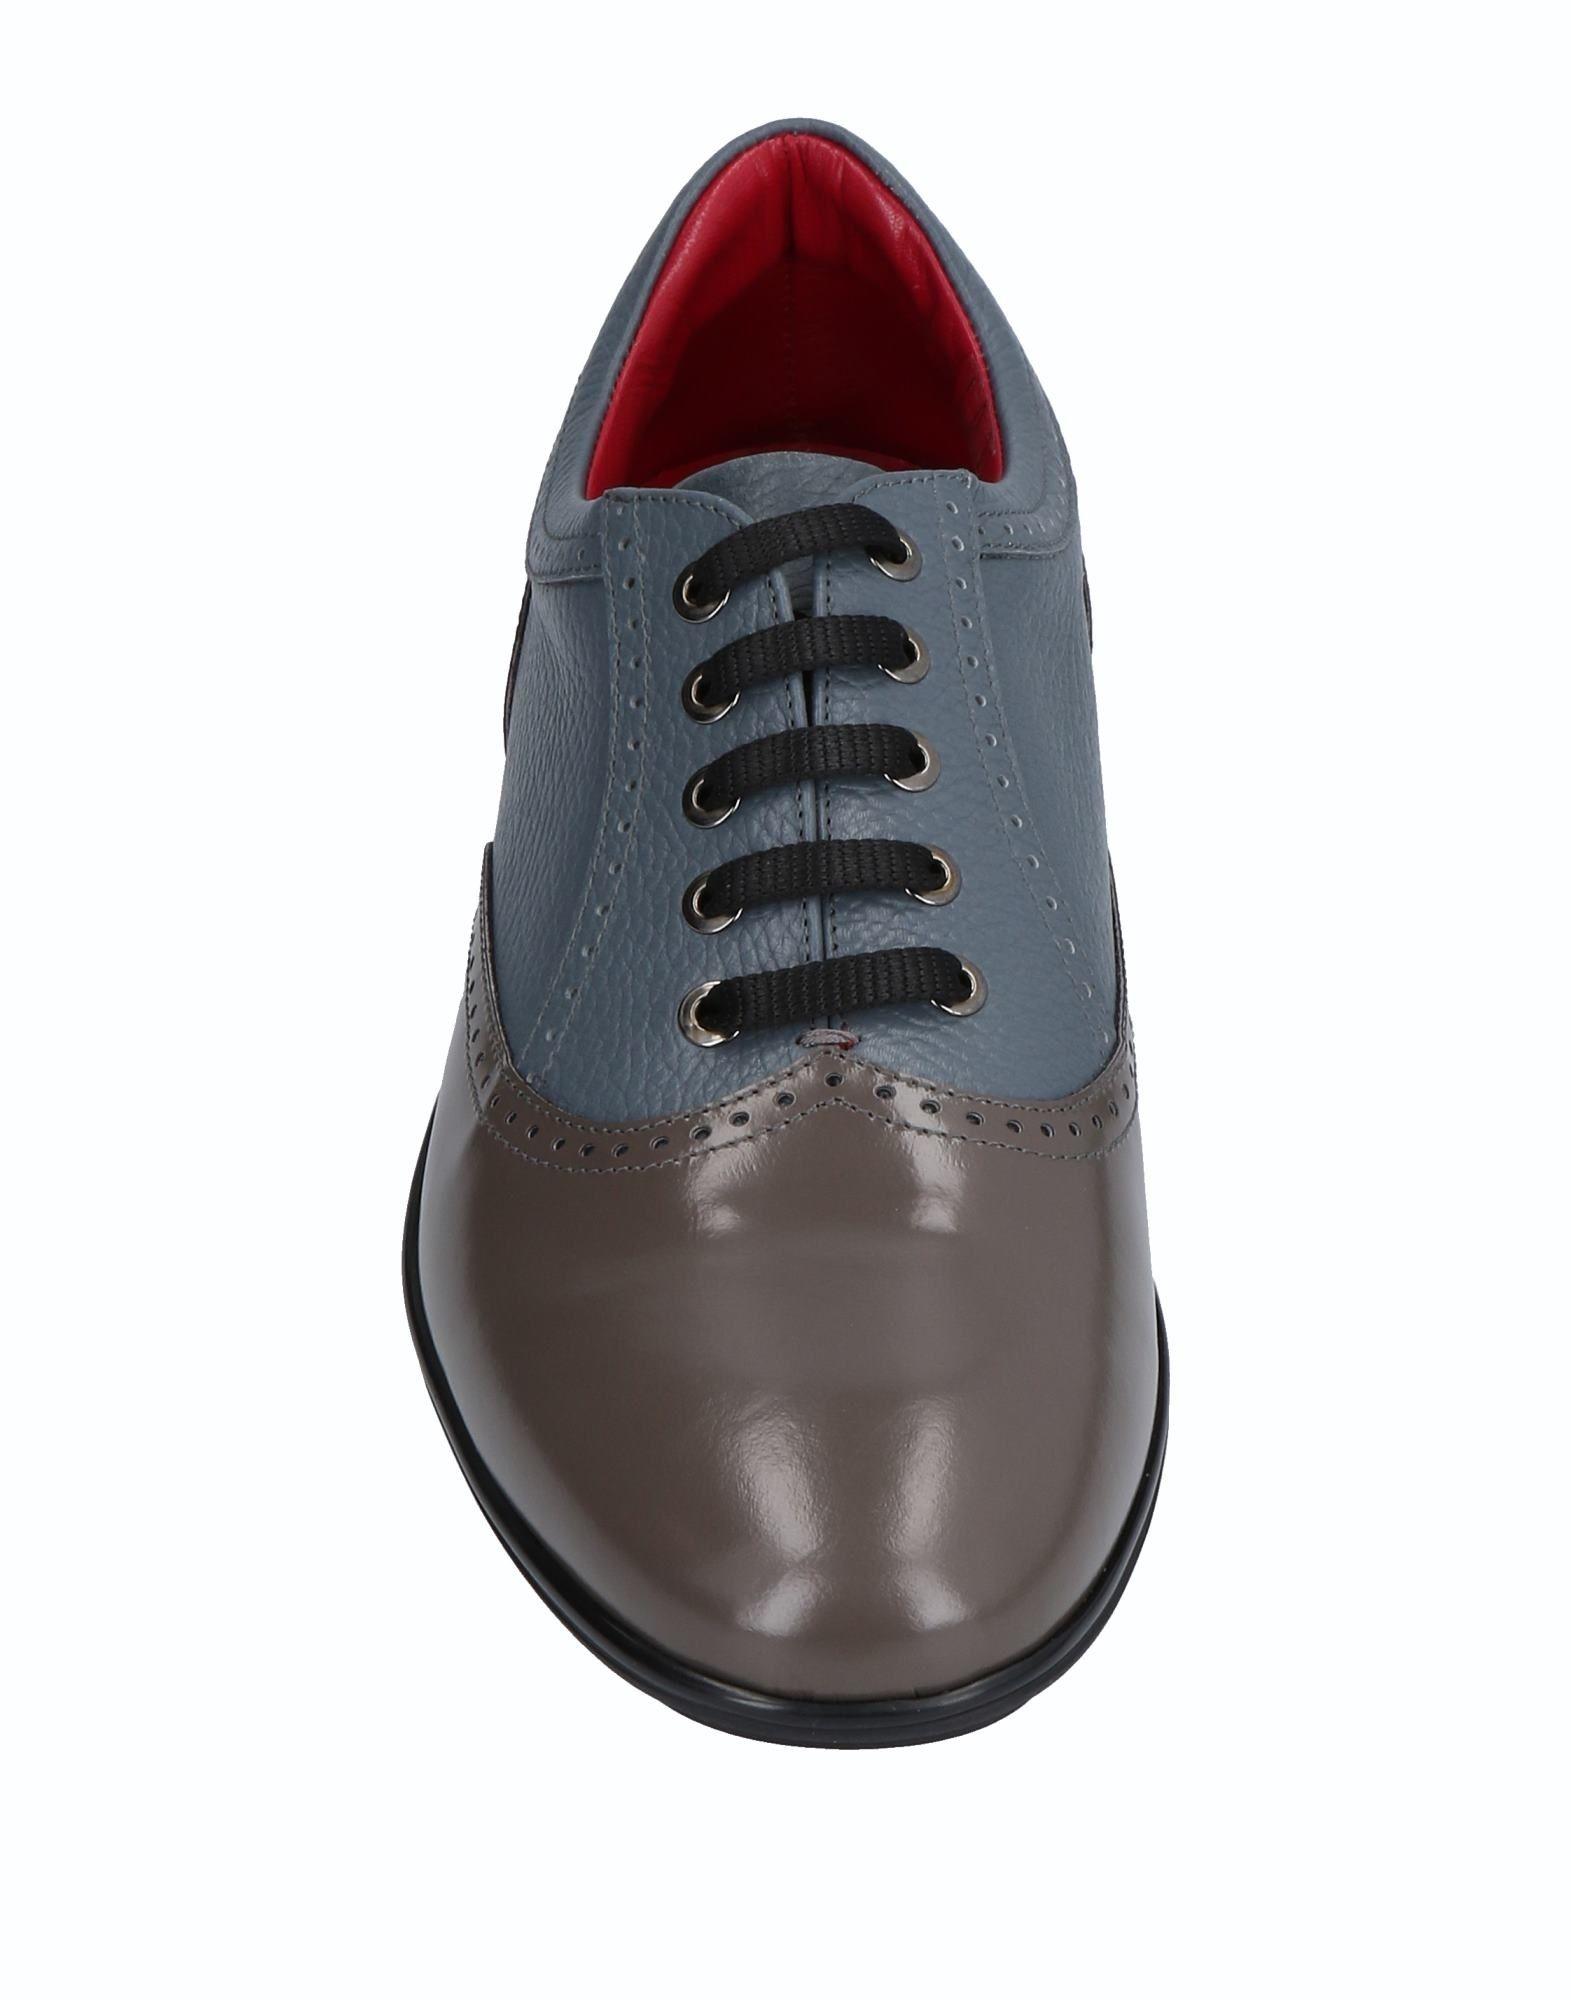 Gianfranco Lattanzi Sneakers Herren  Schuhe 11513027LV Gute Qualität beliebte Schuhe  9ee670